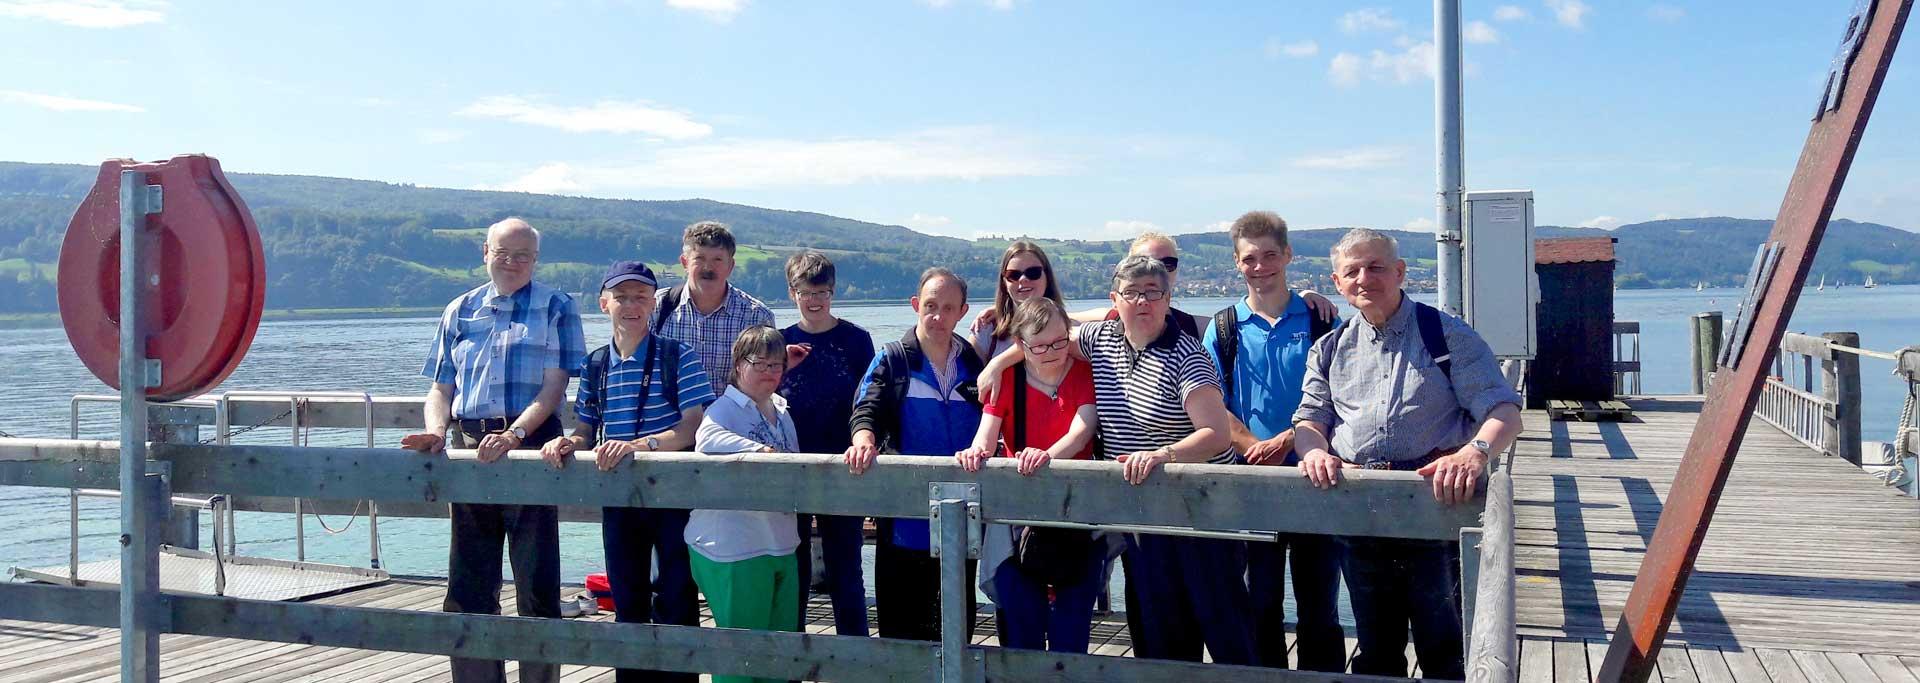 Reisen für Behinderte - Behindertenreisen an den Bodensee